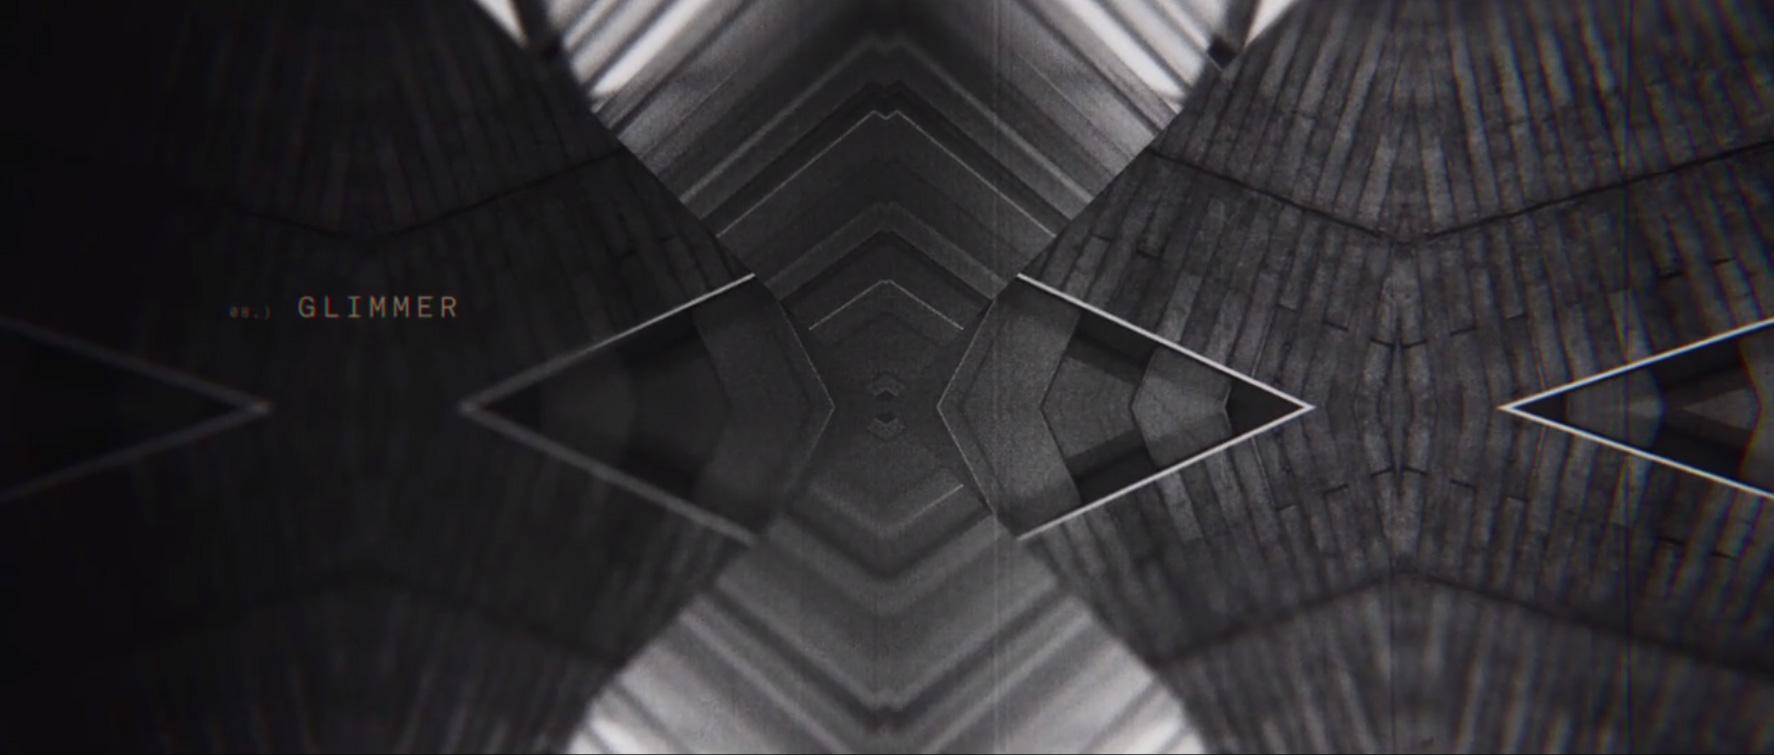 Construct (Titles) / Oxyde Noir (2)